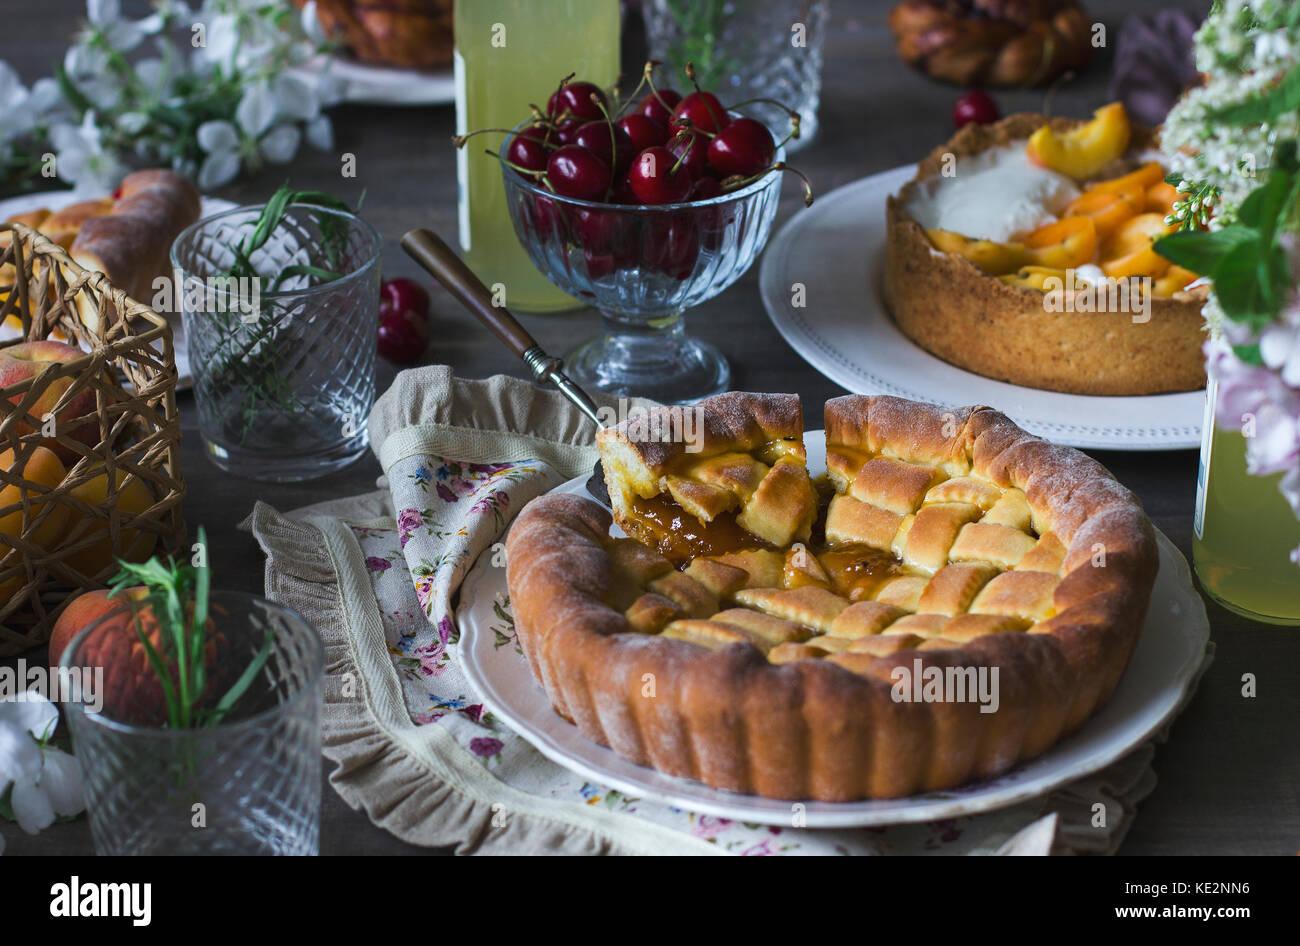 Torta fatta in casa, dolci e il cibo sulla tavola festiva Immagini Stock